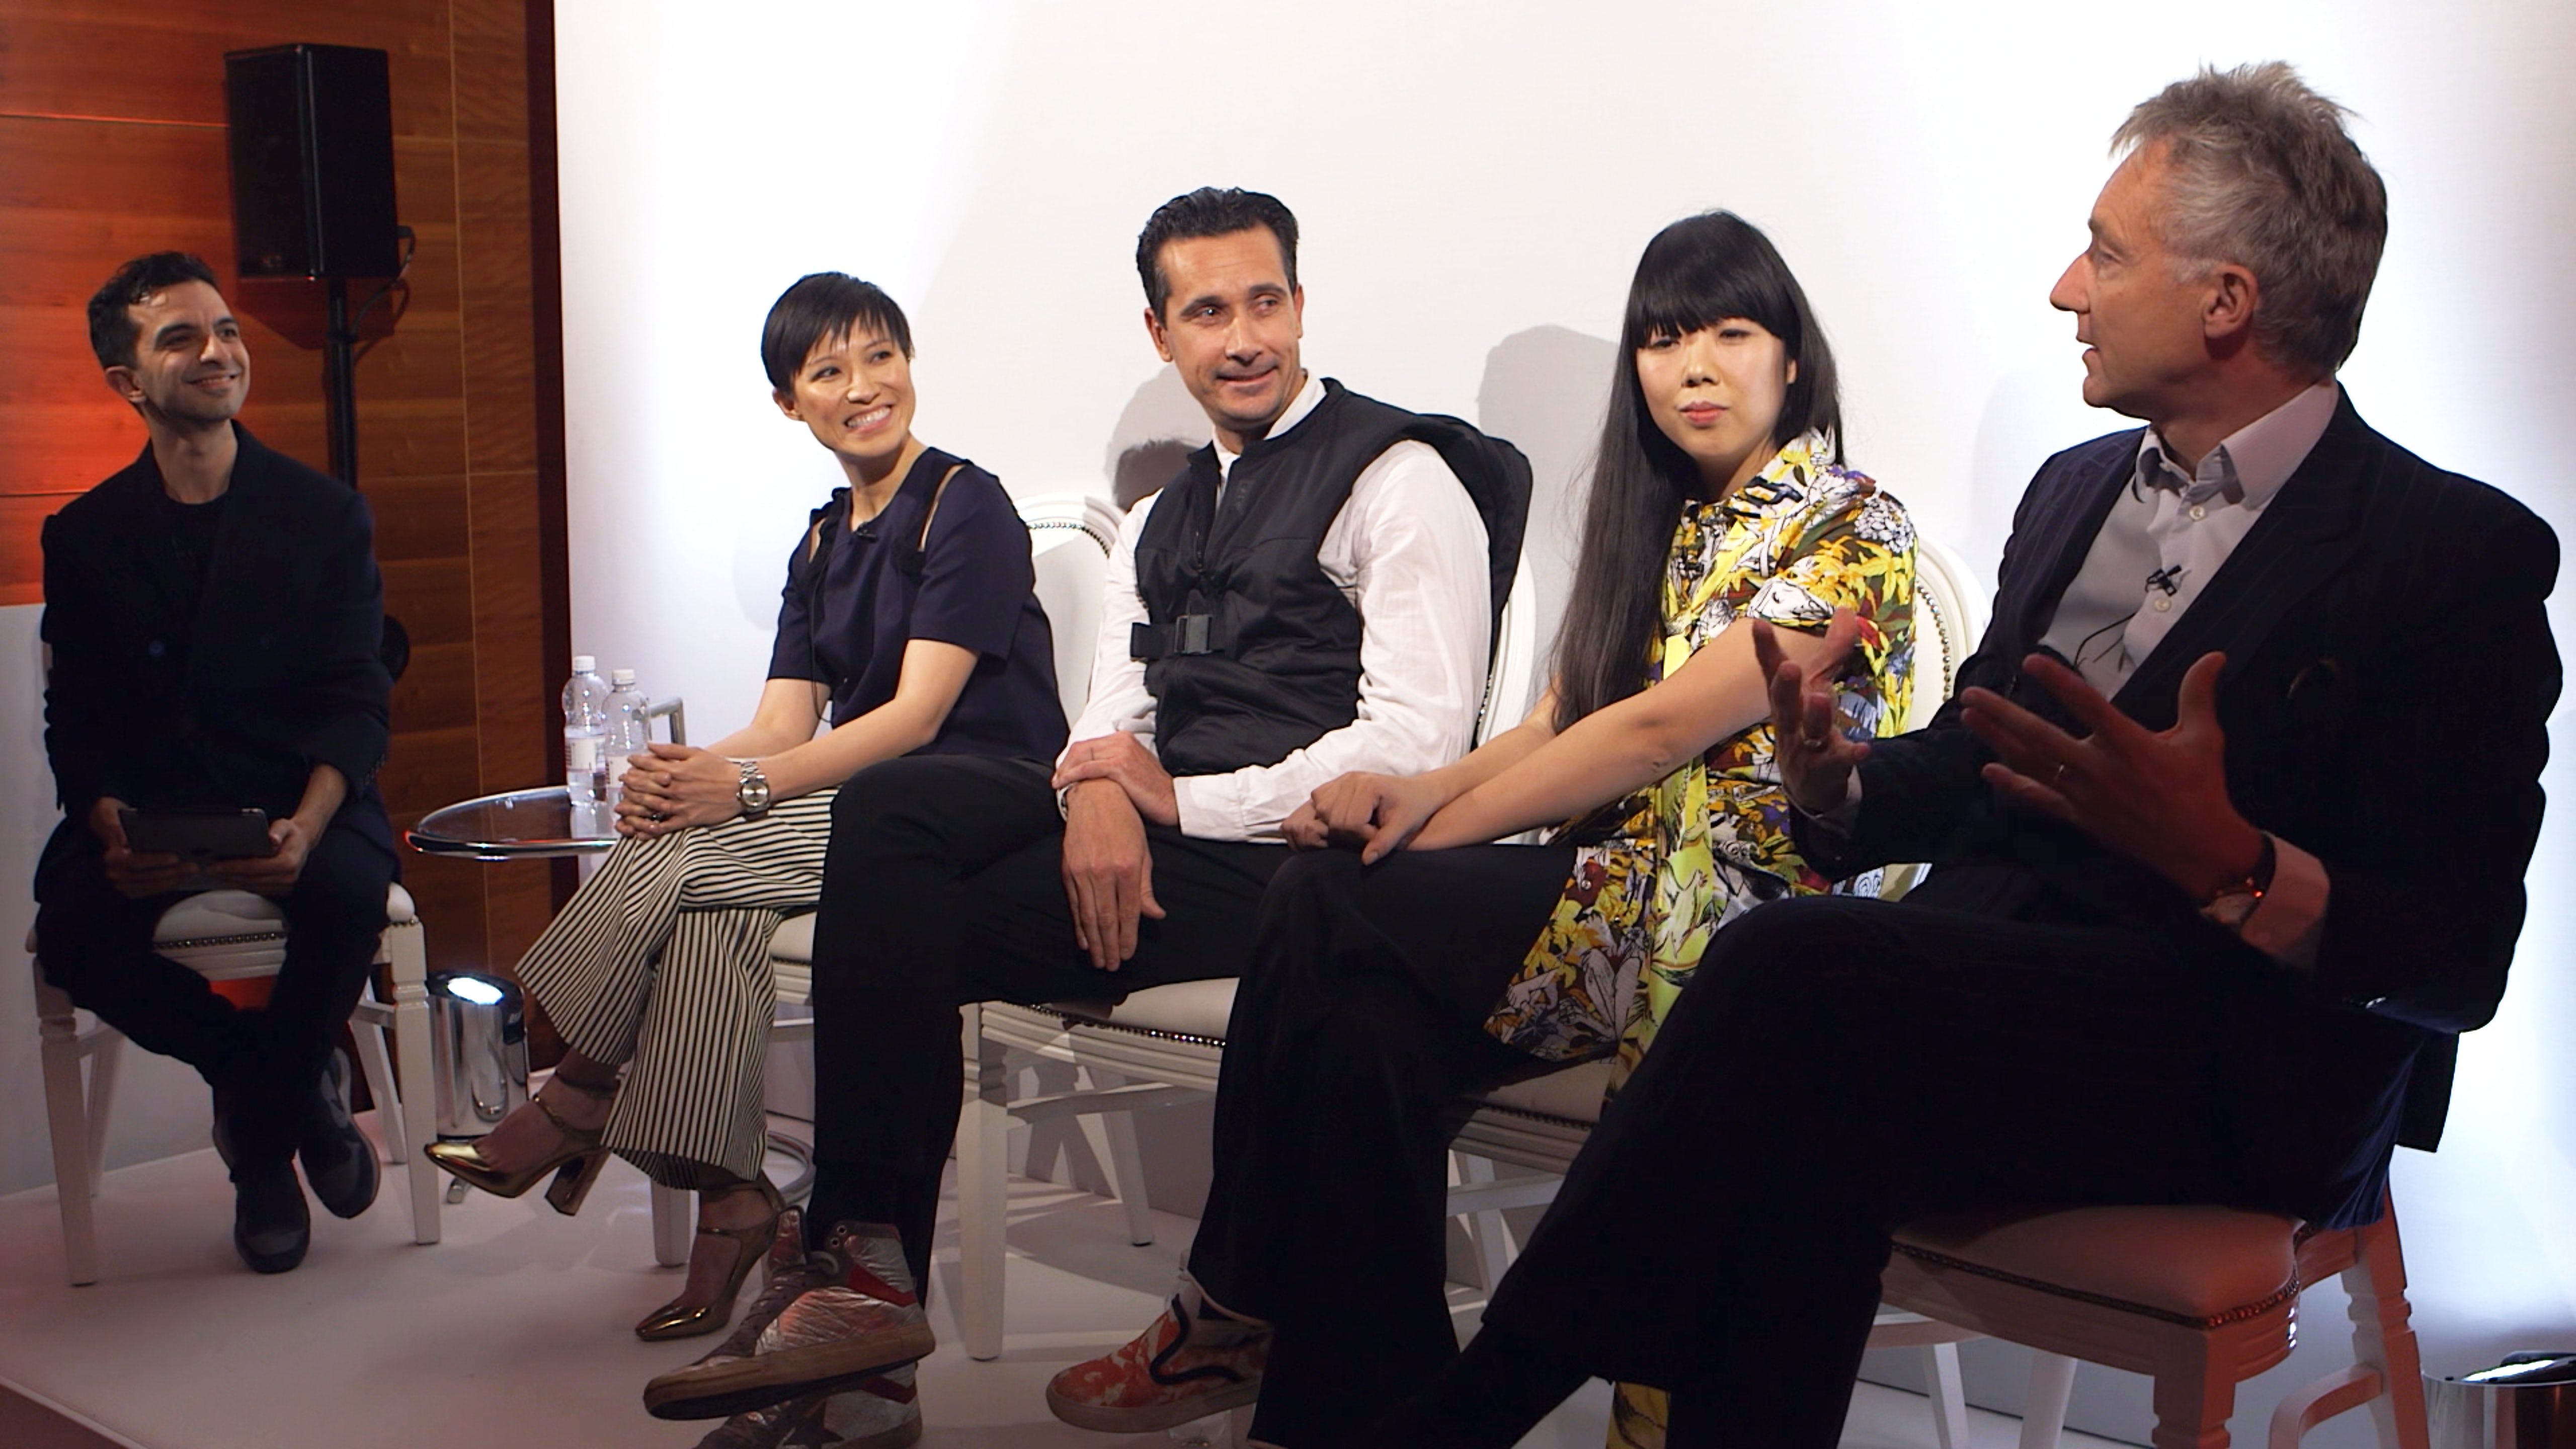 L-R: Imran Amed, Sandra Choi, Sebastian Manes, Susie Lau and Geoffroy de La Bourdonnaye   Source: Courtesy